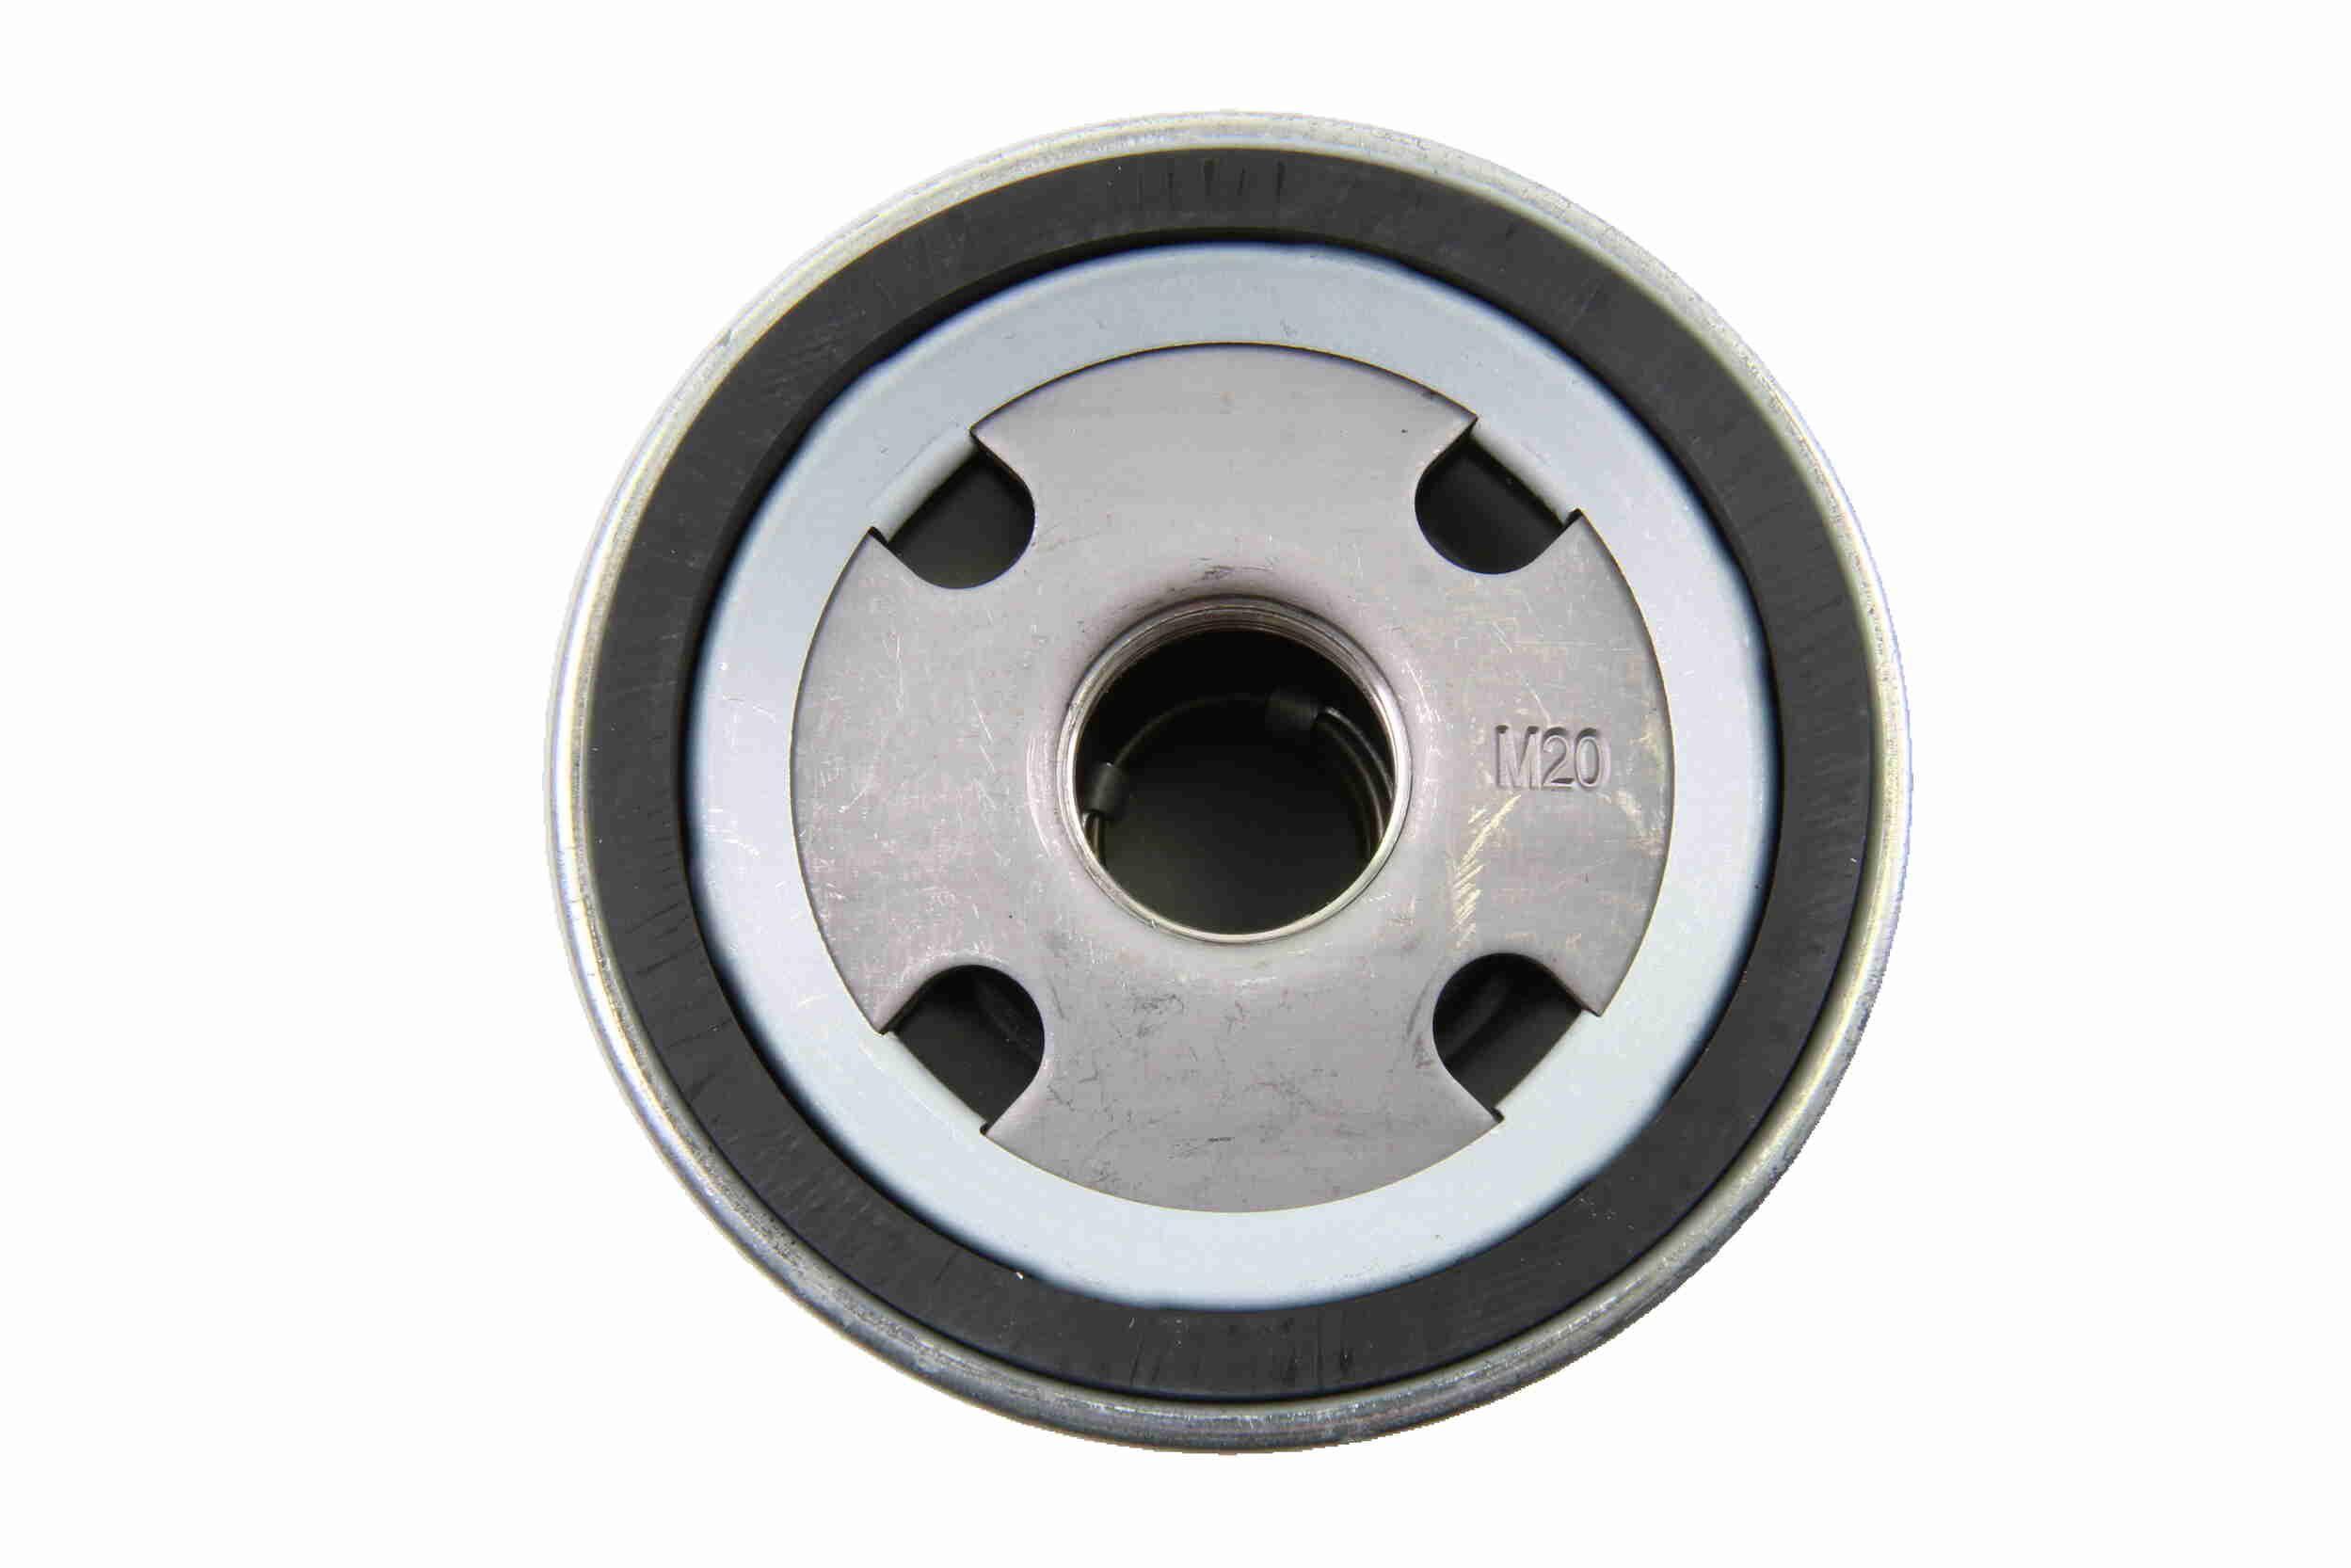 Engine oil filter VAICO V24-0022 rating